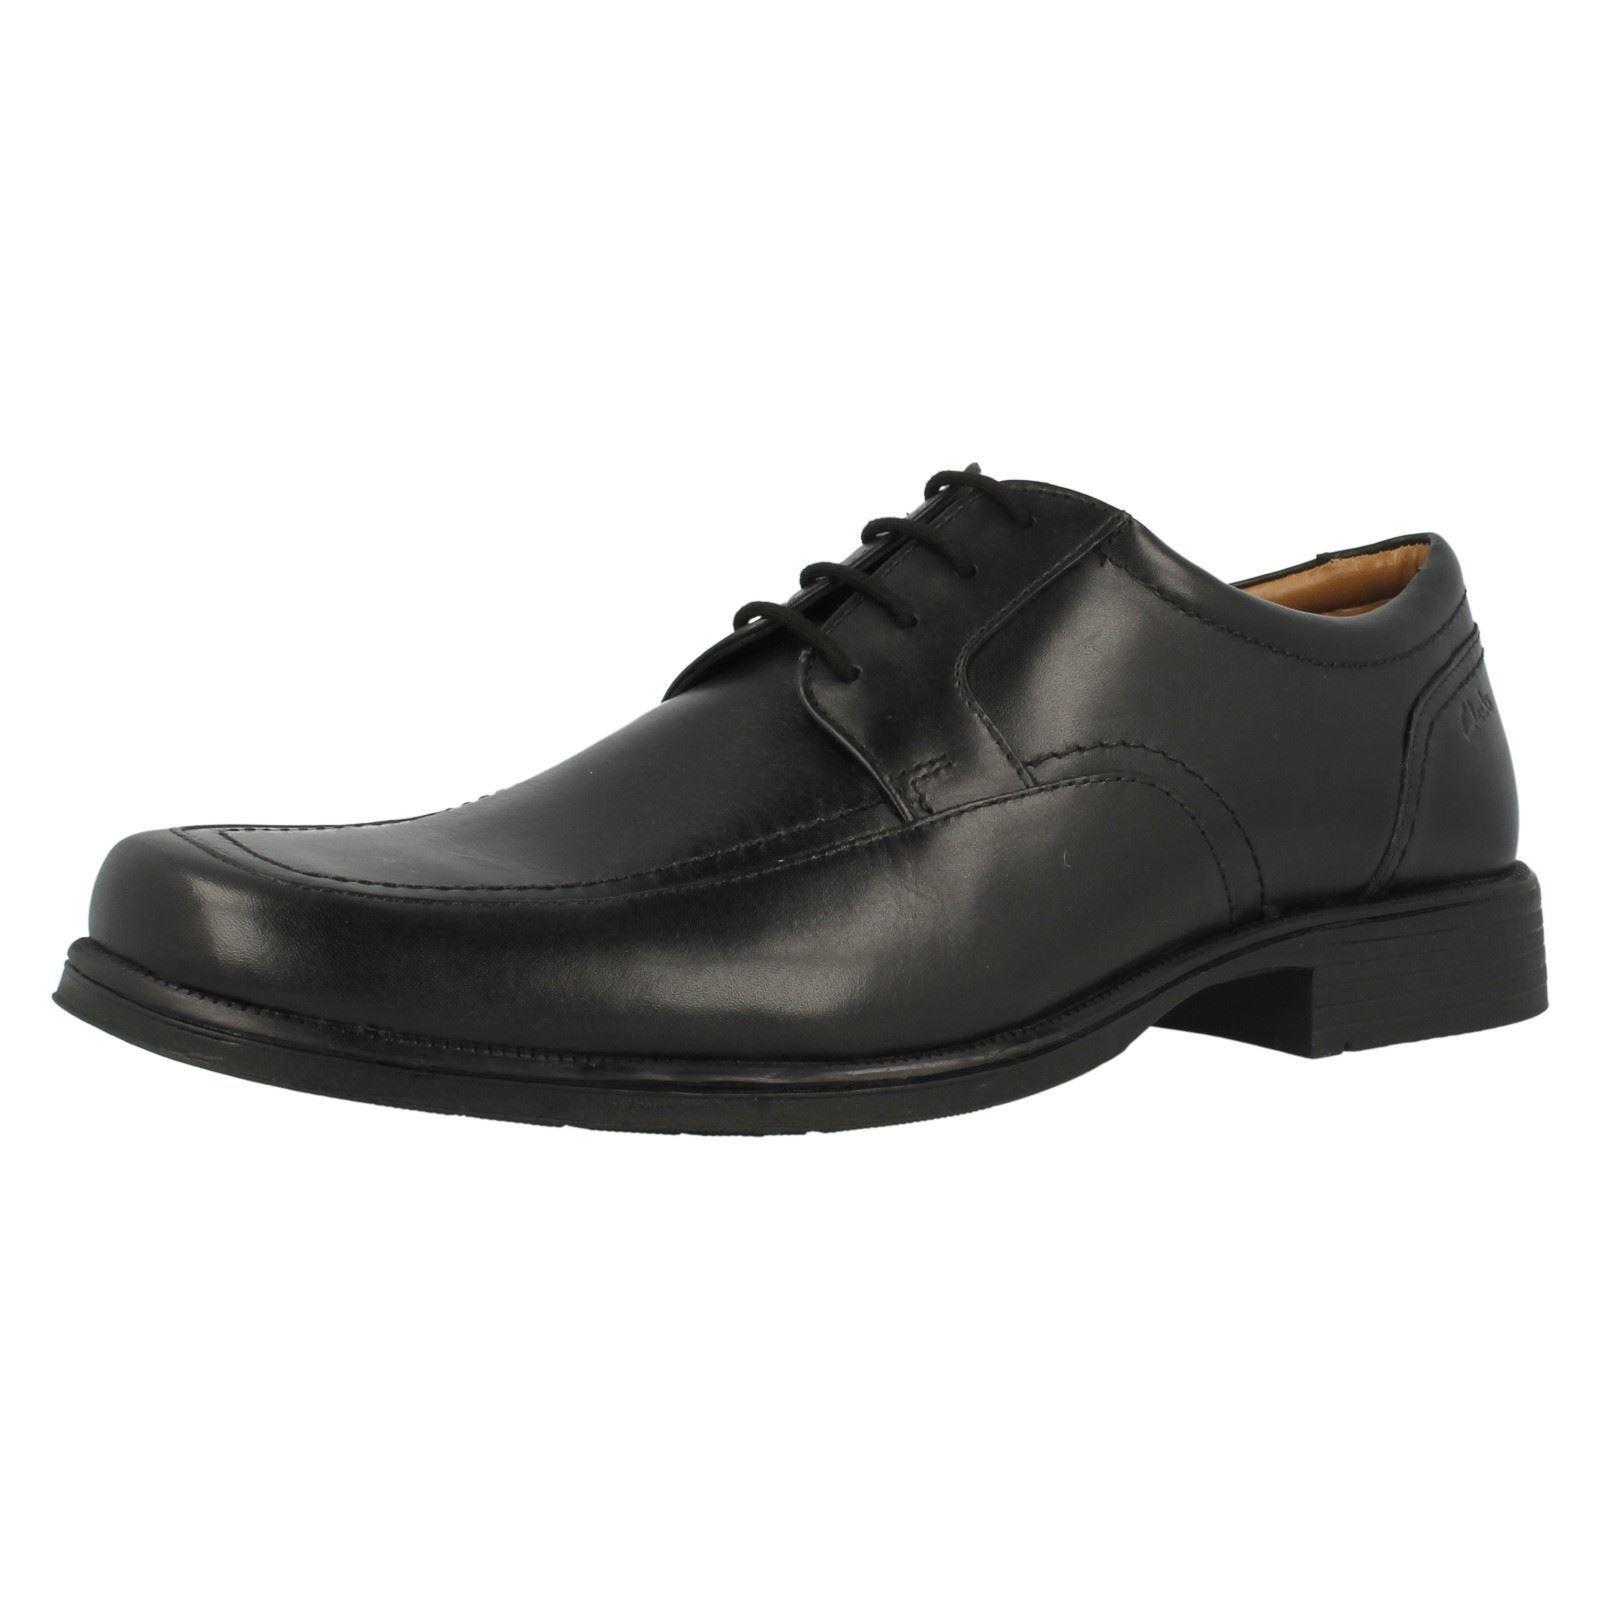 Clarks huckley Spring Herren schwarzes Leder Schnürschuh G PASSFORM (38 B) (